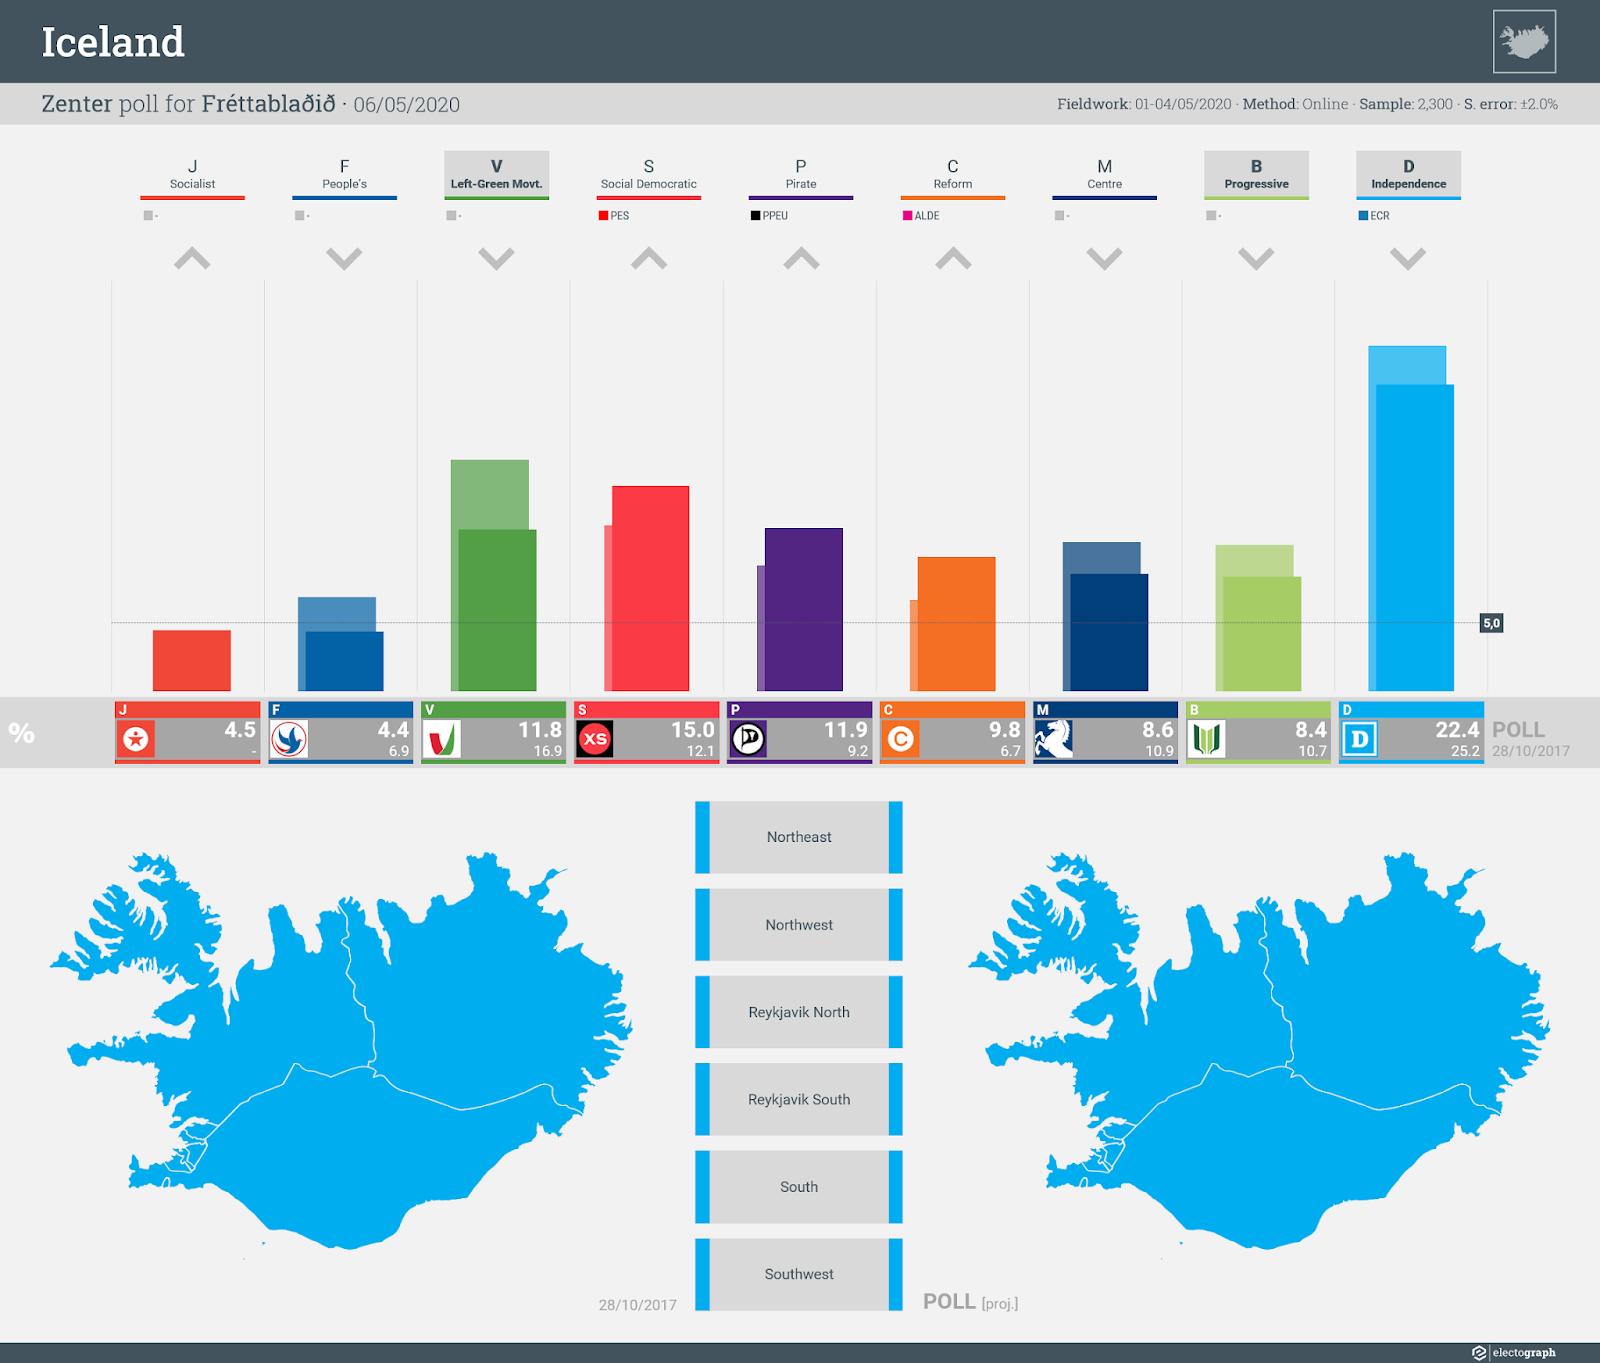 ICELAND: Zenter poll chart for Fréttablaðið, 6 May 2020